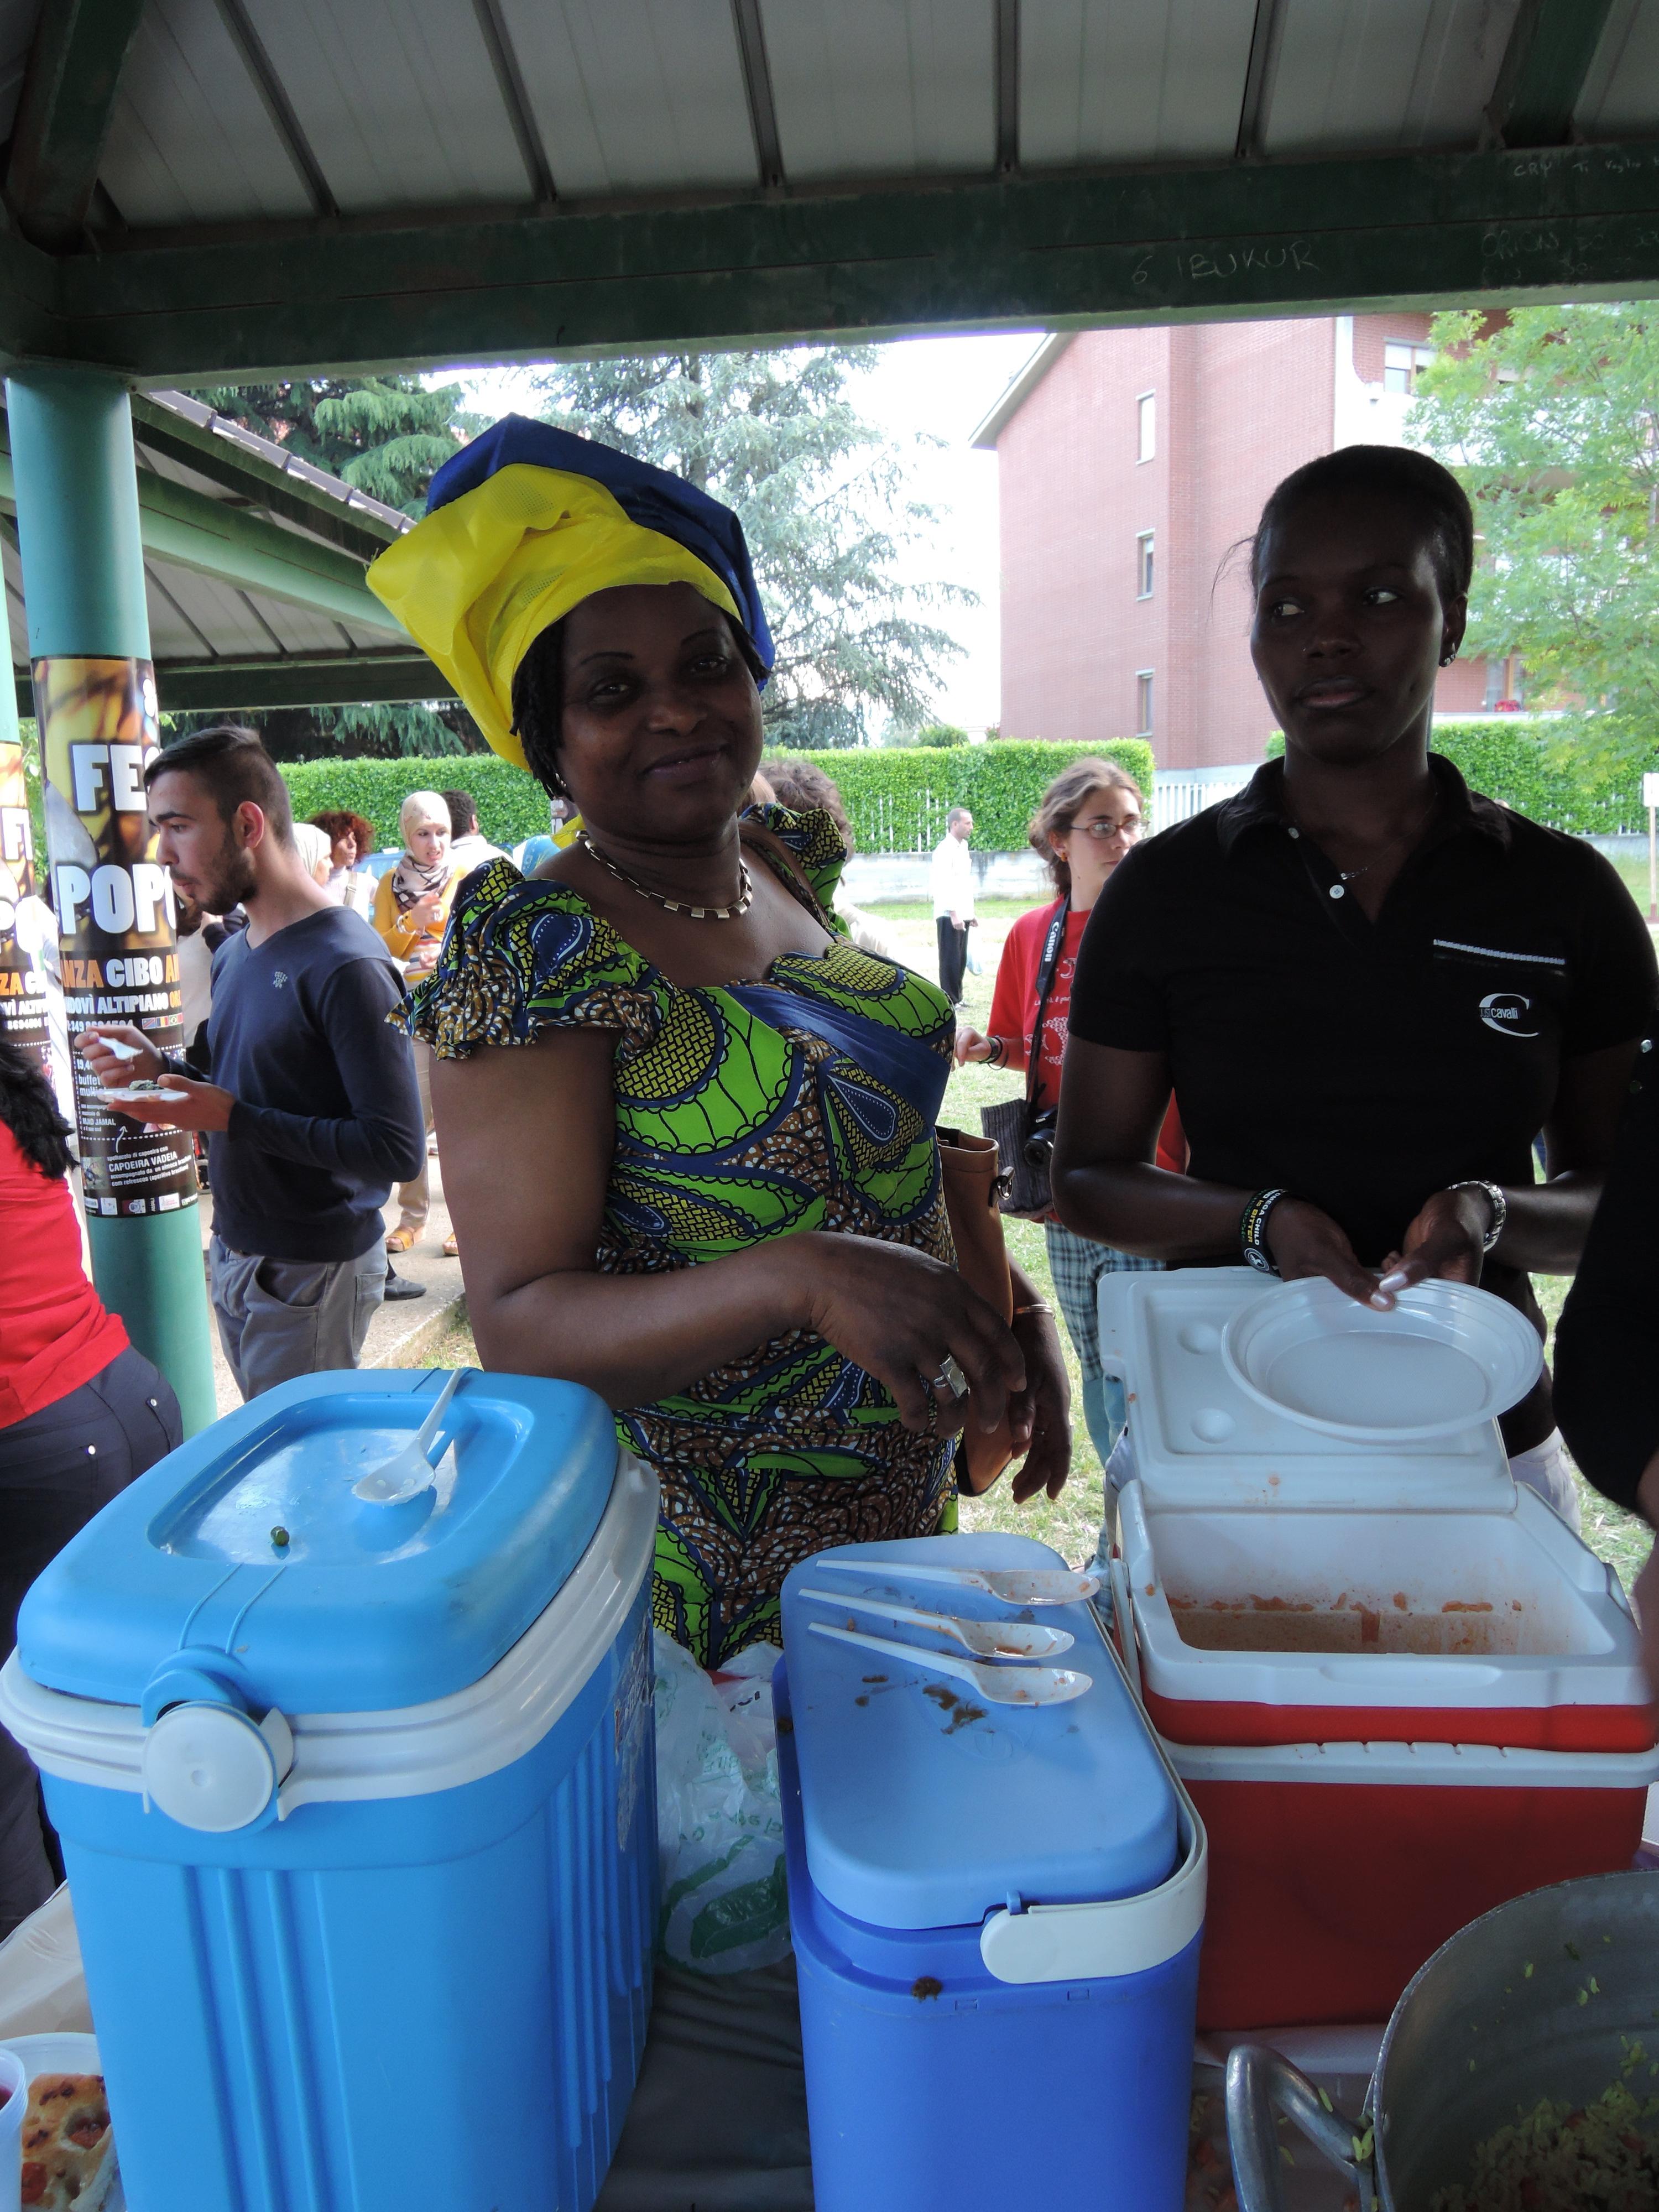 Cucina nigeriana!